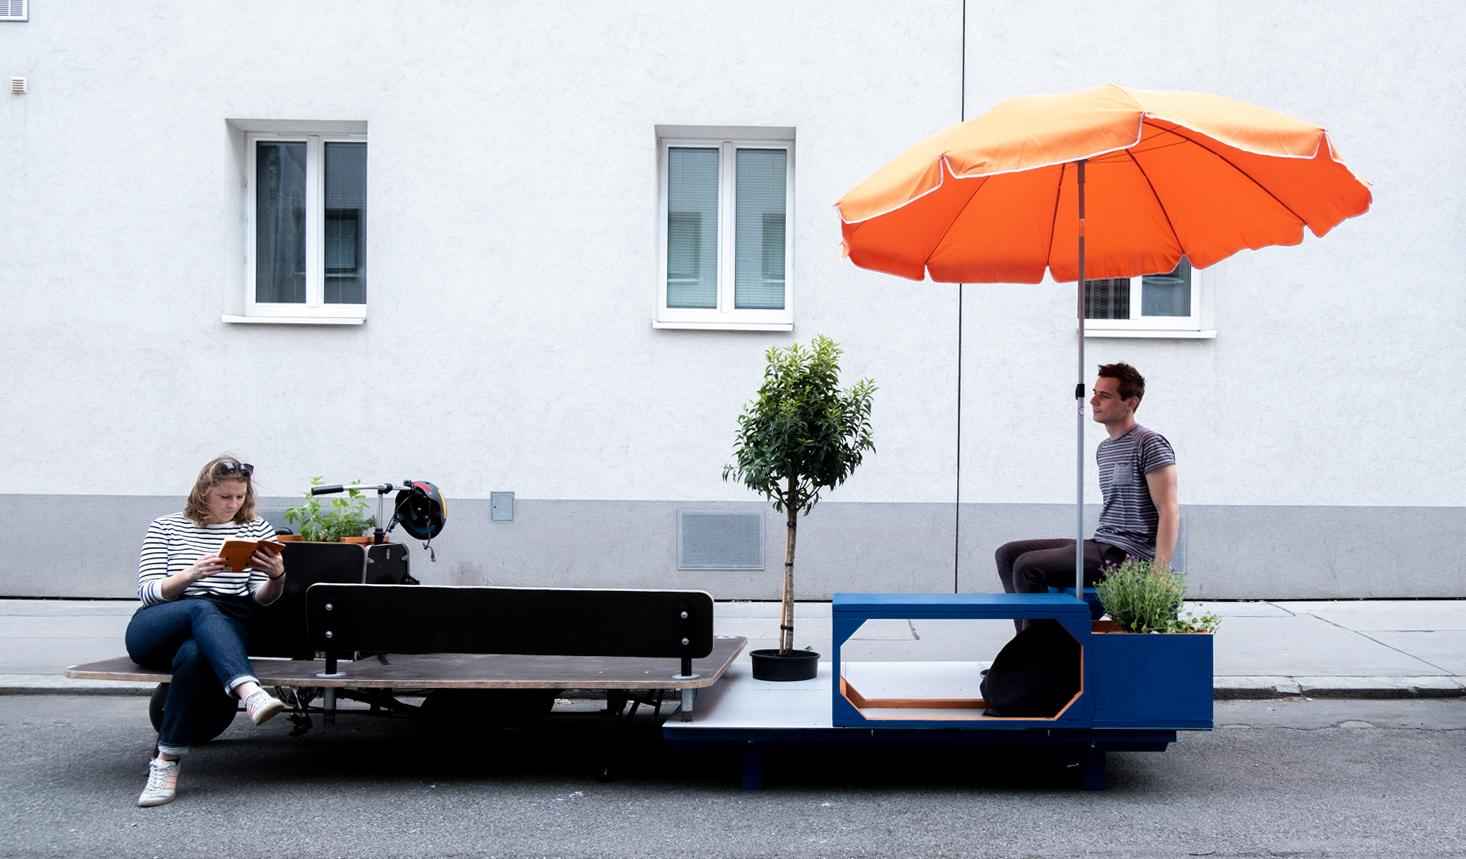 Platzmobil